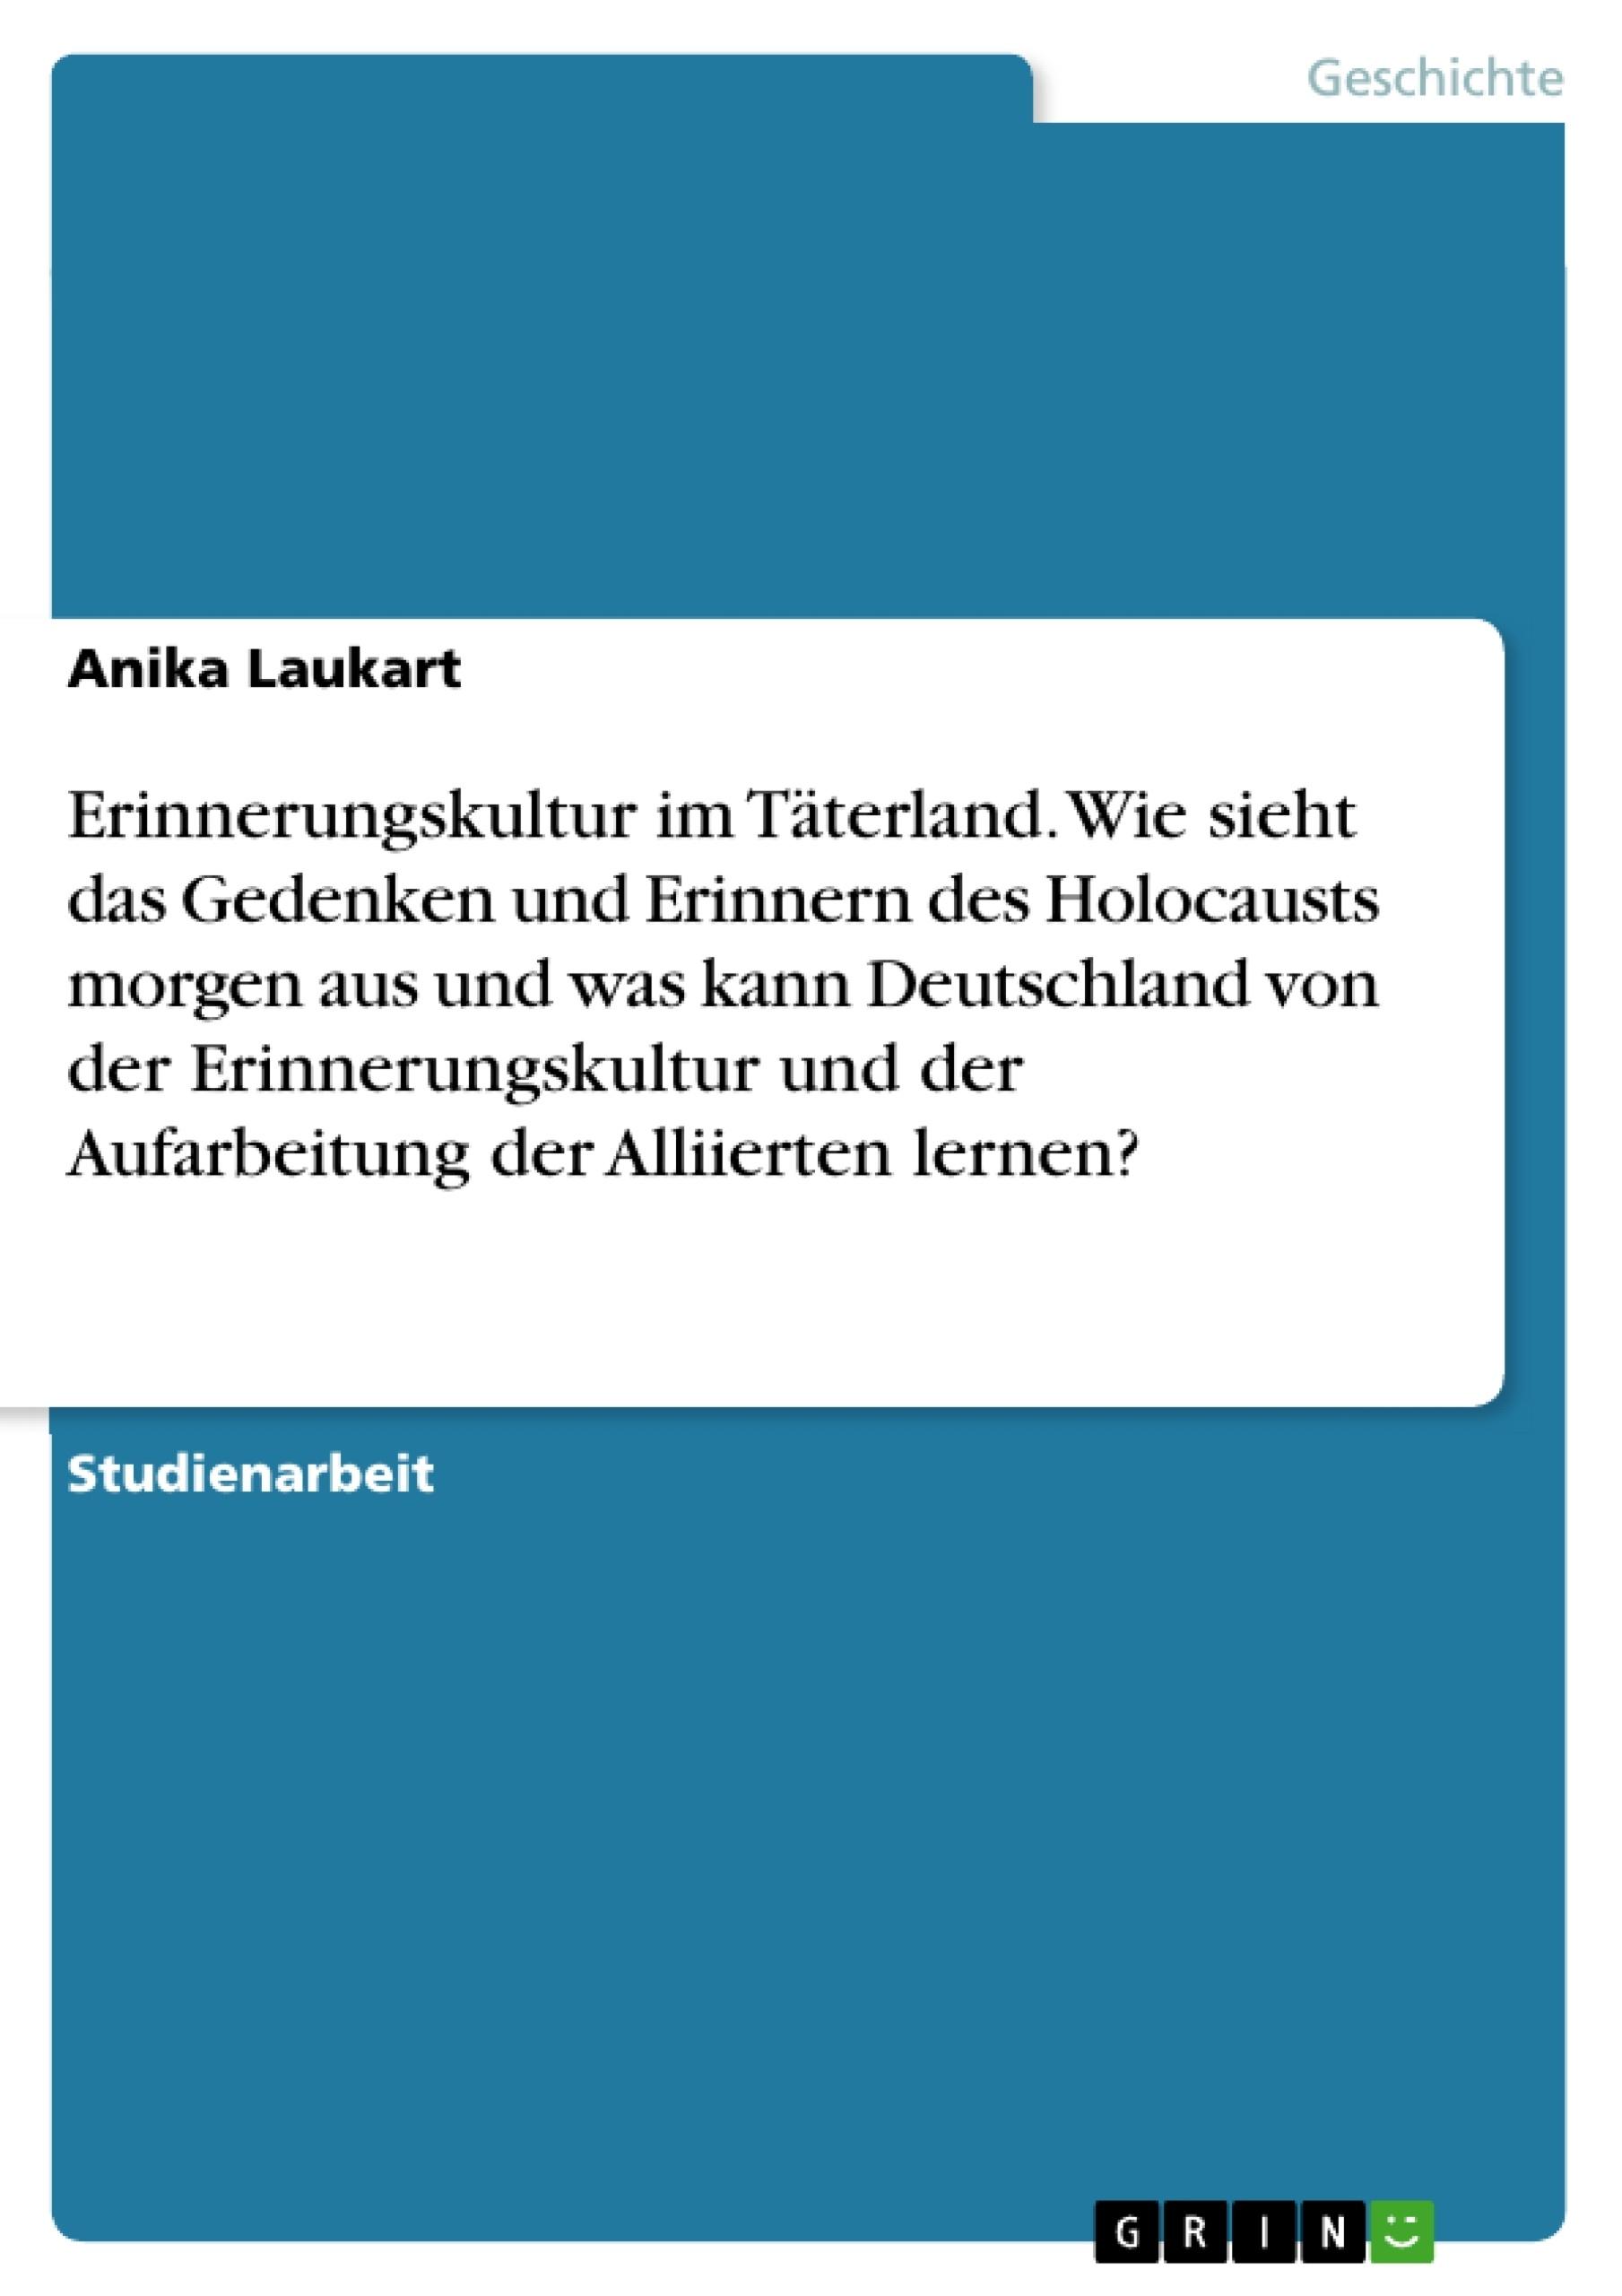 Titel: Erinnerungskultur im Täterland. Wie sieht das Gedenken und Erinnern des Holocausts morgen aus und was kann Deutschland von der Erinnerungskultur und der Aufarbeitung der Alliierten lernen?